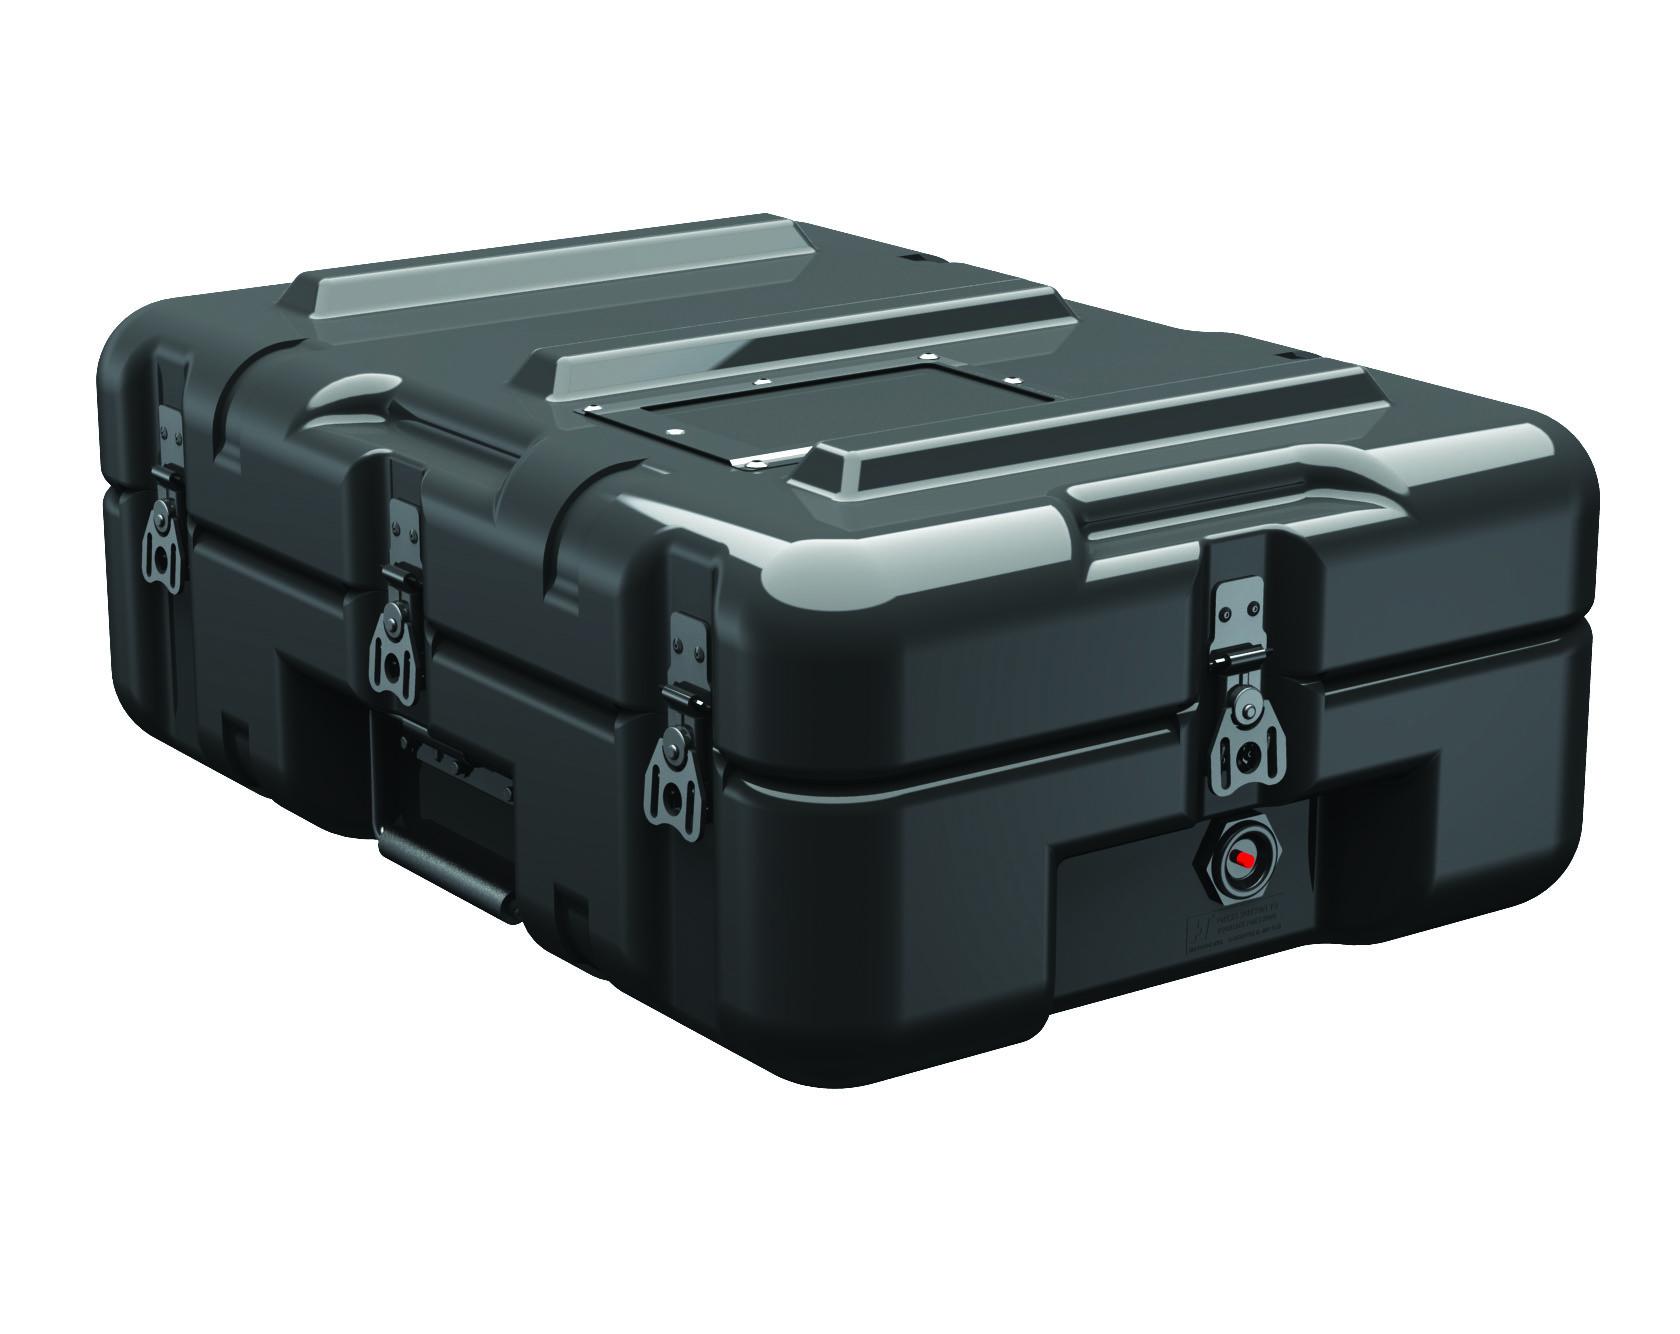 AL2013-0403 - AL2013-0403 Single Lid Flat Case